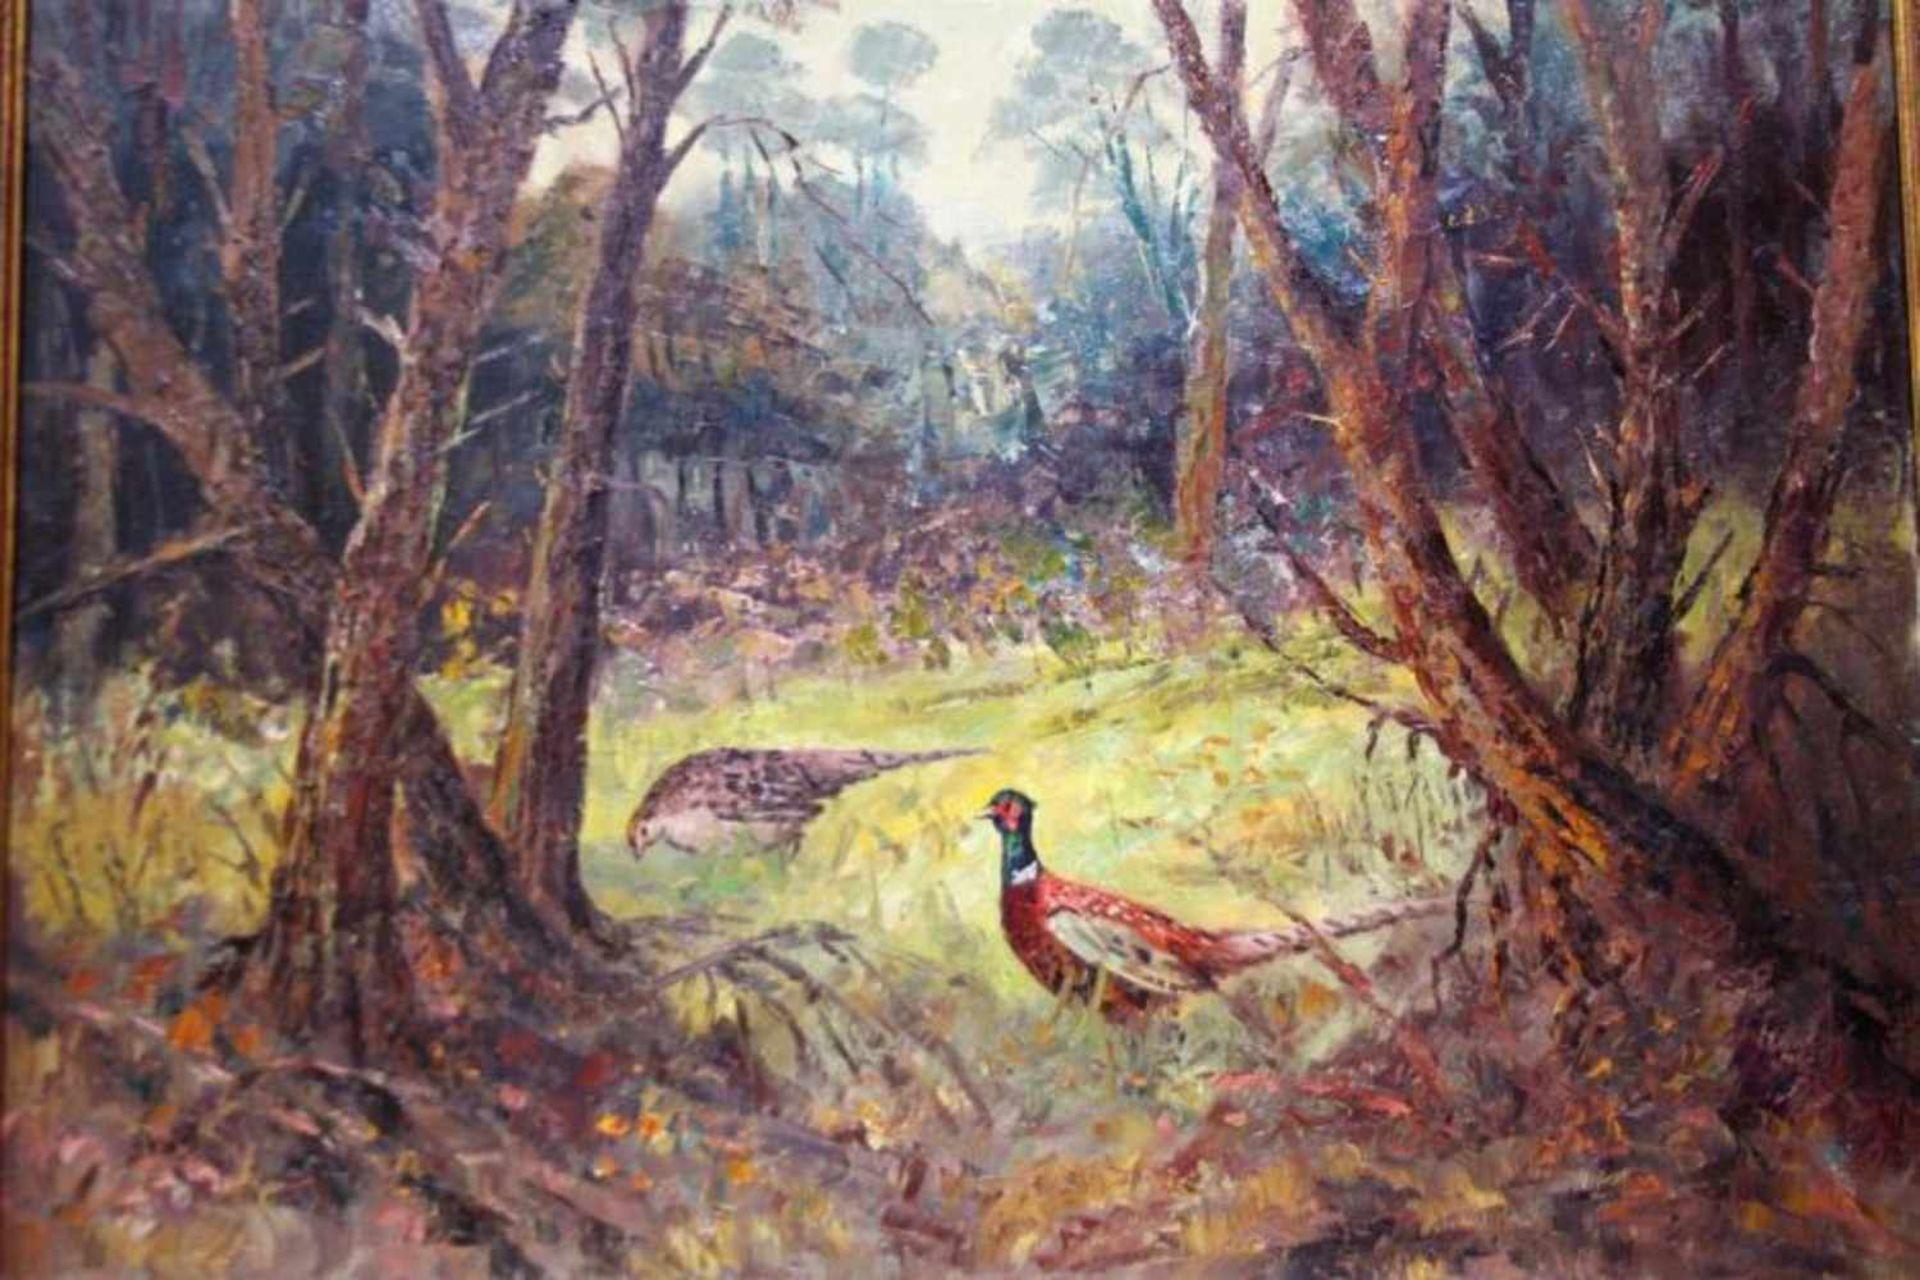 J. Koning 'Fazanten in het bos' schilderij op doek, 60x80cm. (Classical painting, signed, canvas)